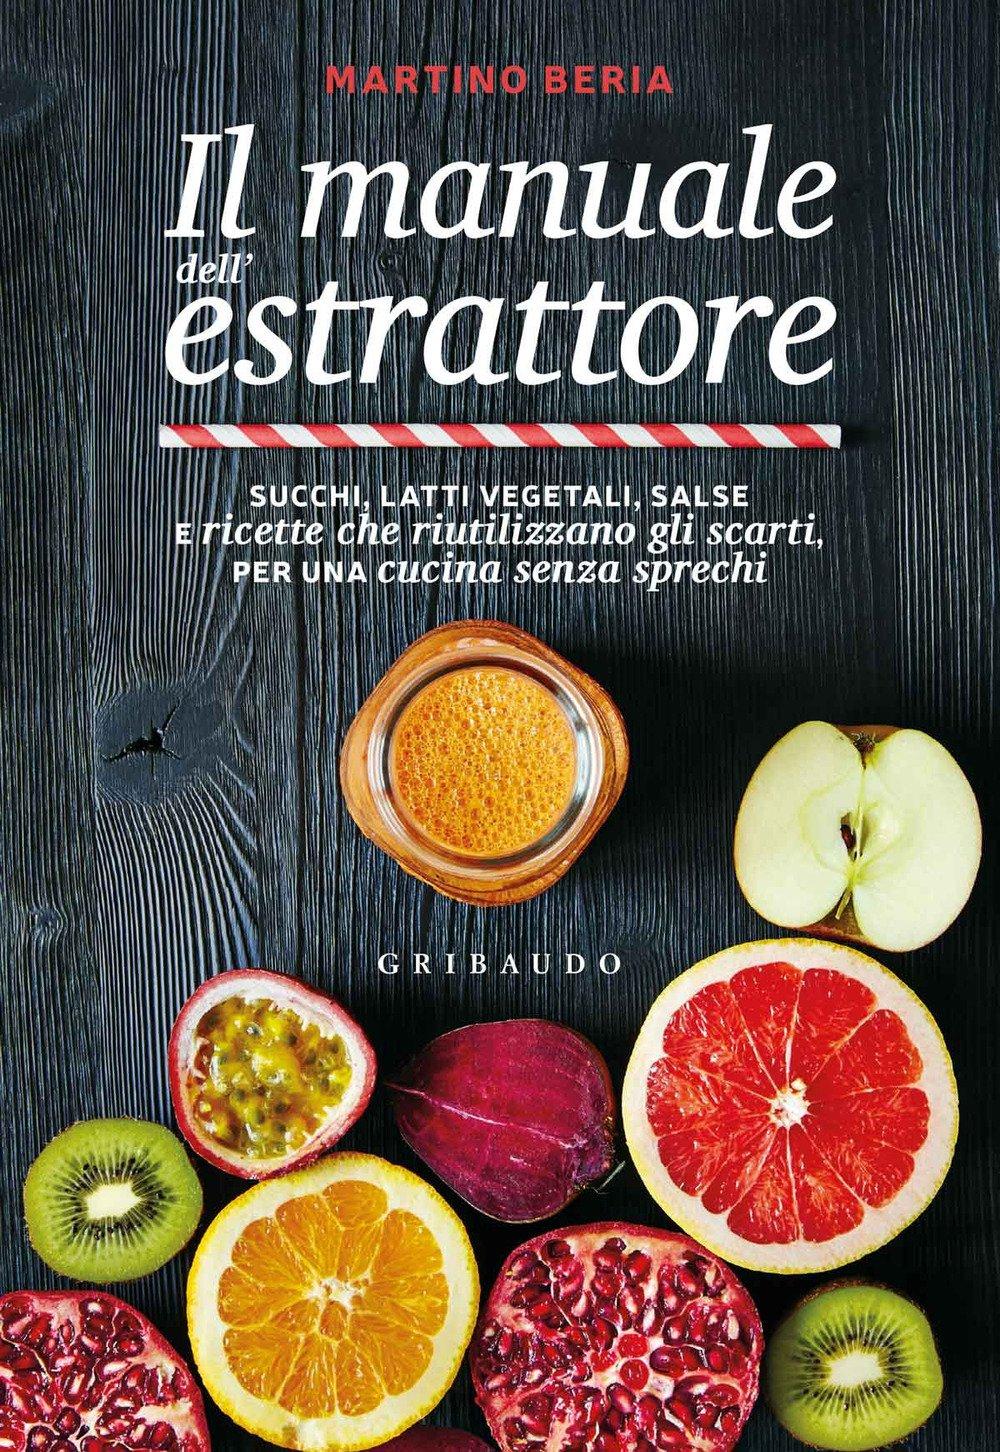 Il manuale dell'estrattore. Succhi, latti vegetali, salse e ricette che riutilizzano gli scarti, per una cucina senza sprechi - 2021 -